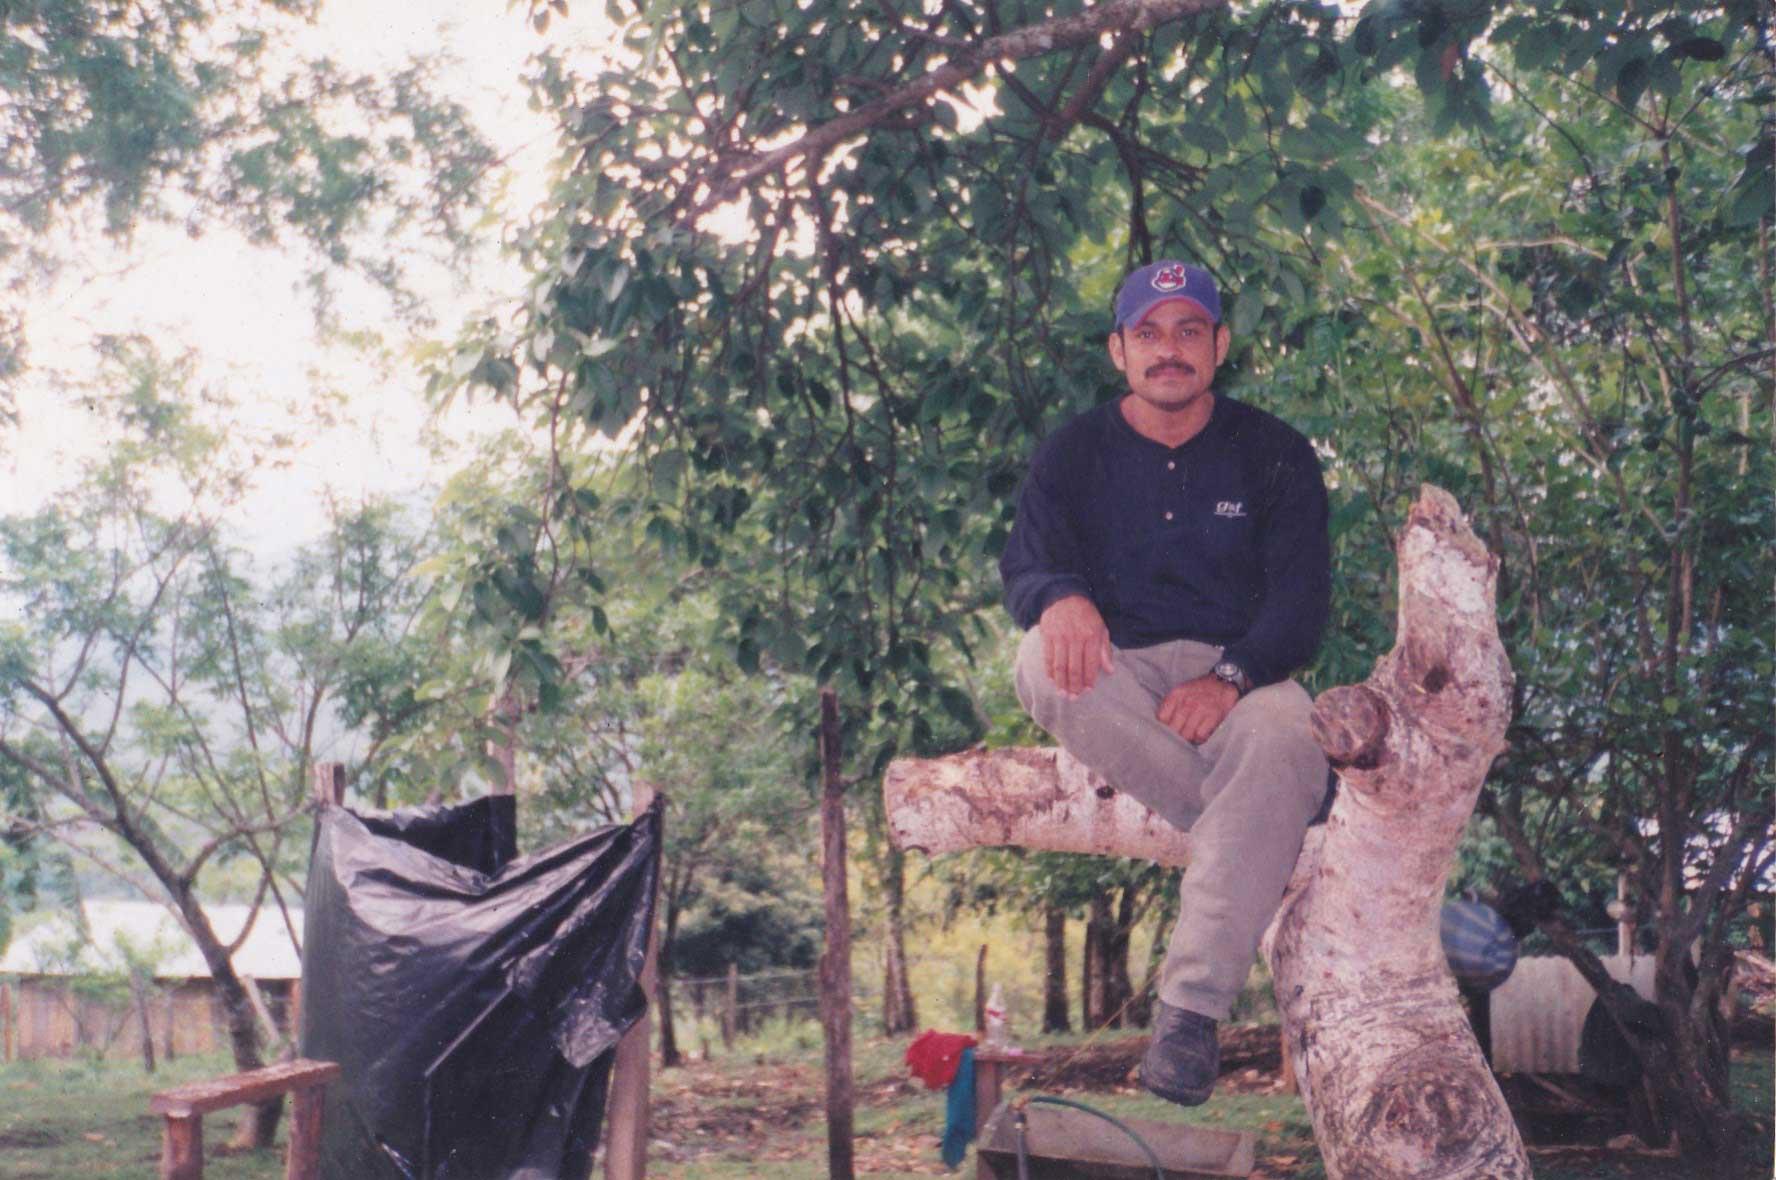 Maestro Galeano - zum ersten Mal veröffentlicht die EZLN ein Bild eines verstorbenen Zapatisten ohne Maskierung